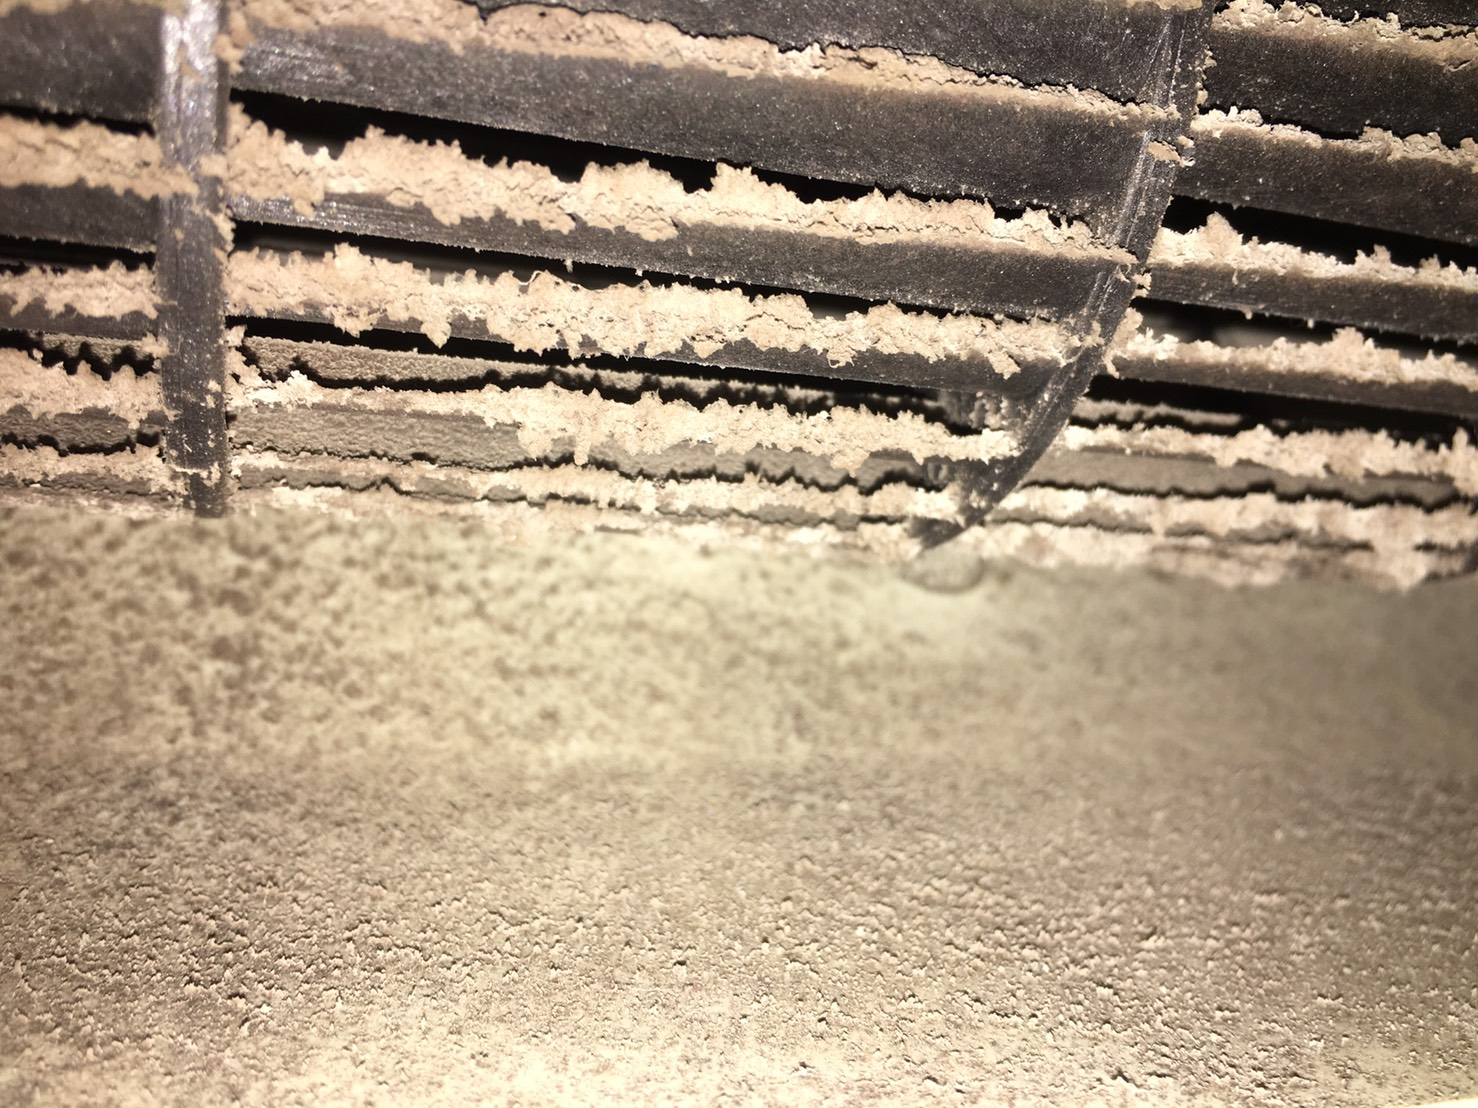 冷氣不涼發出臭味有很多原因,內部可能卡灰塵污垢